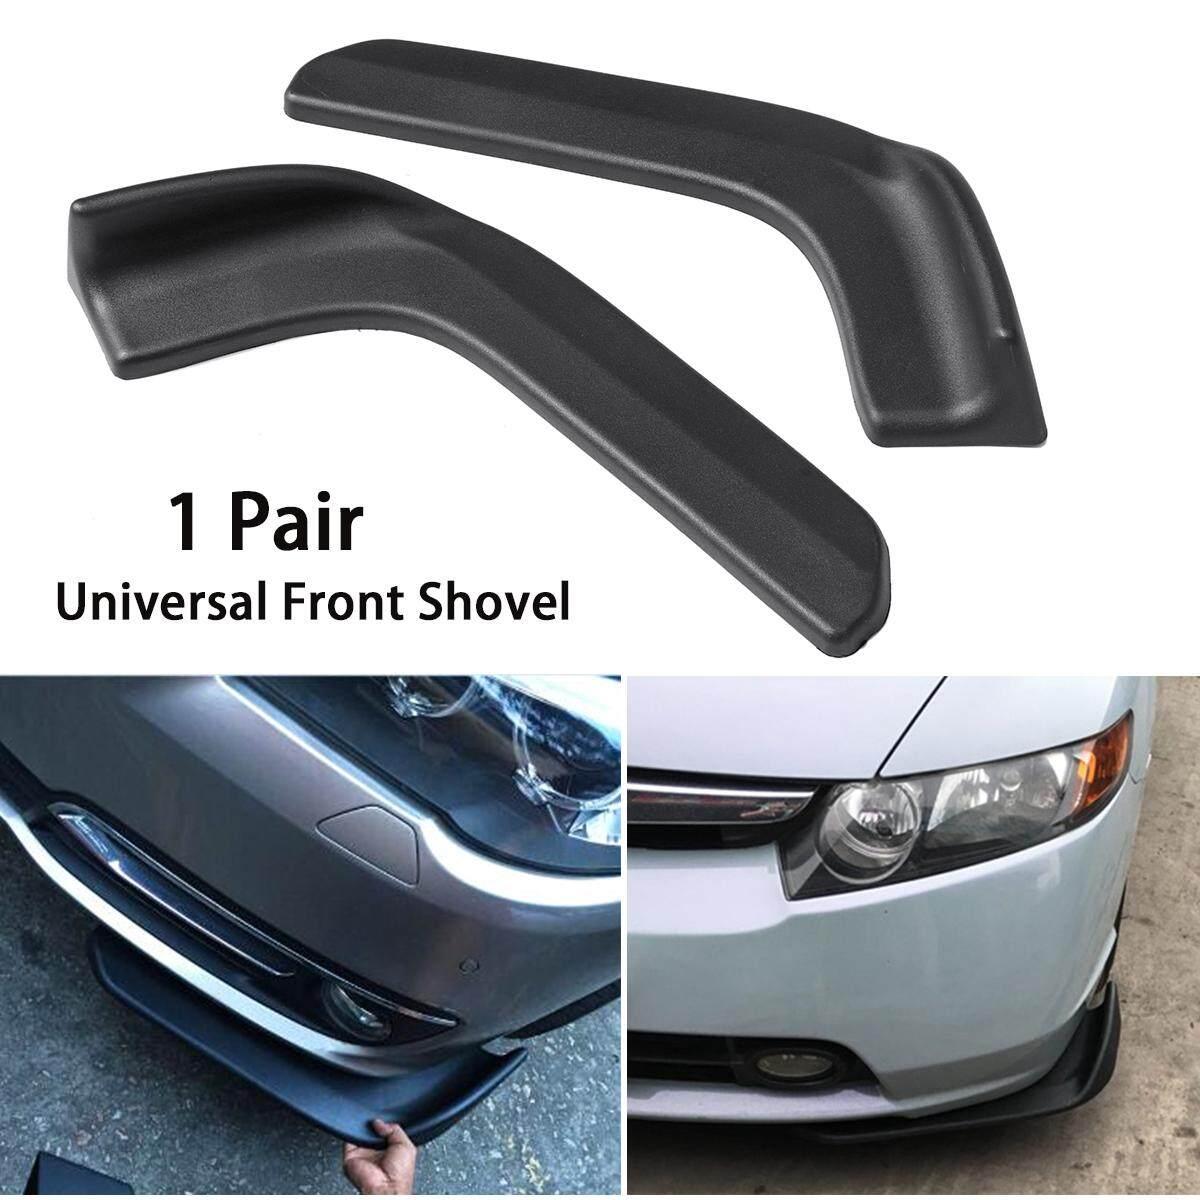 2Pcs Auto Car Bumper Spoiler ABS Front Shovel Decorative Scratch Resistant Wing